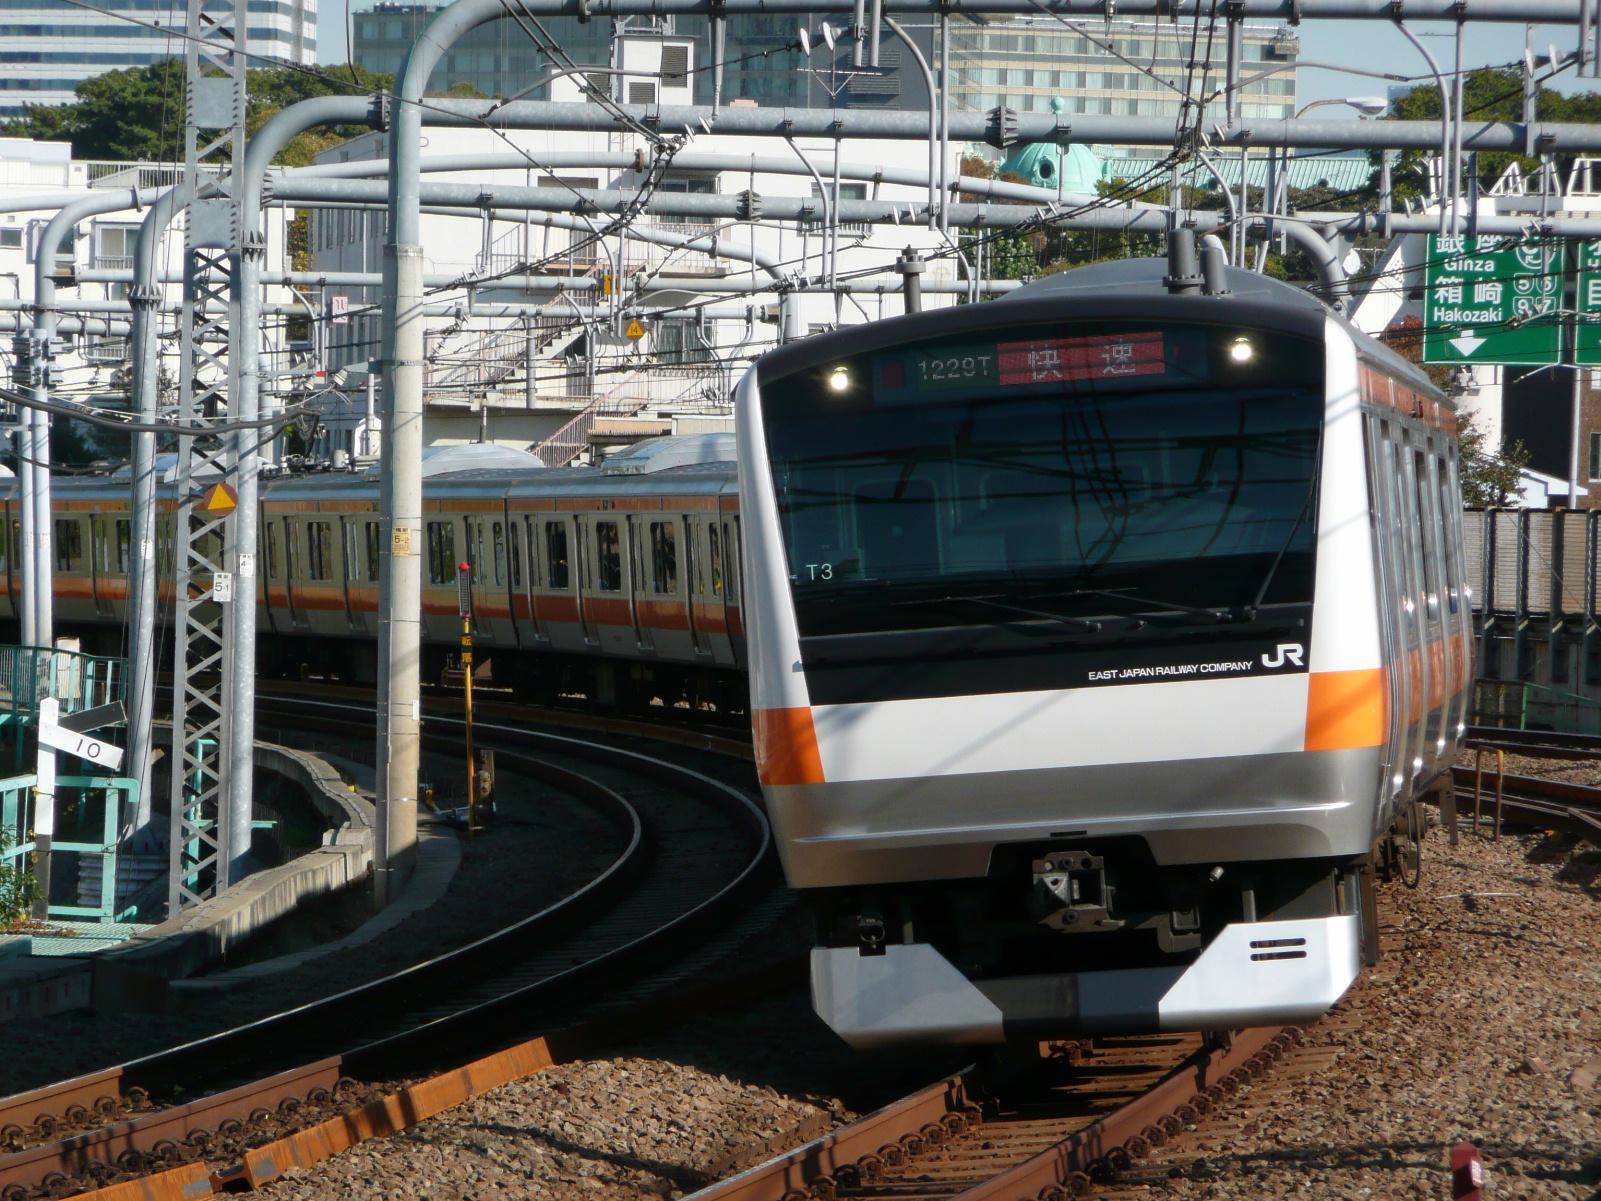 中央線快速 E233系 : 東京首都圏の電車画像まとめ - NAVER まとめ